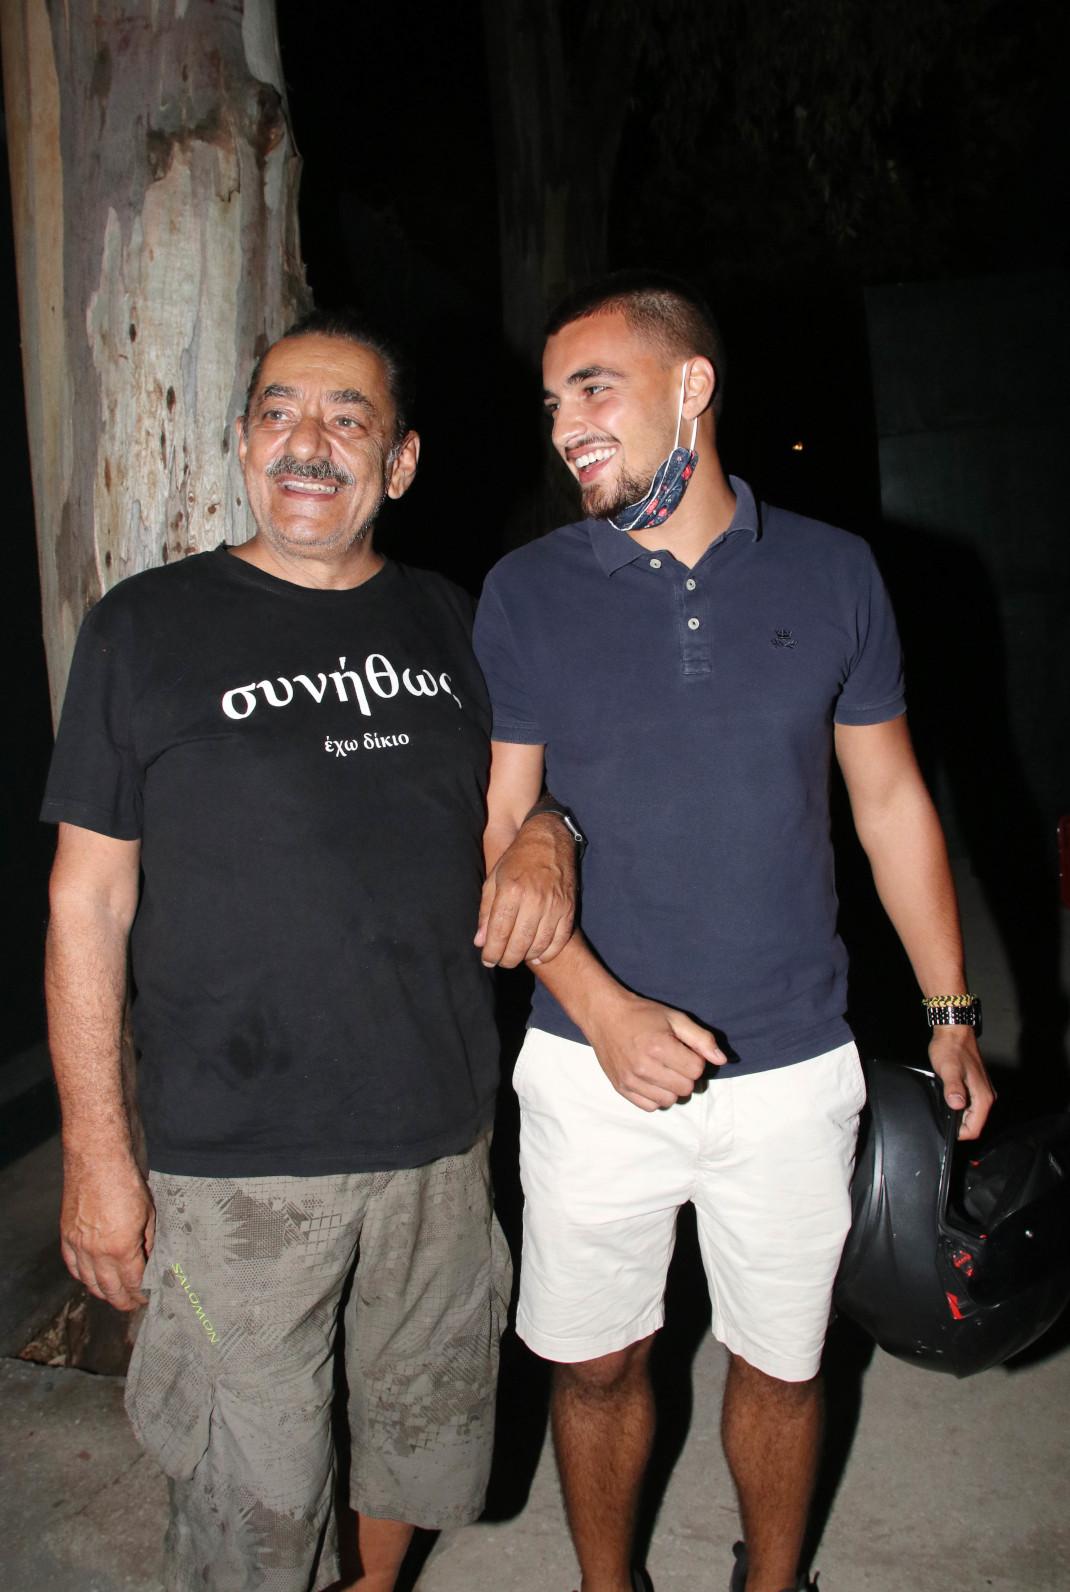 Αντώνης Καφετζόπουλος με το γιό του, Σπύρο